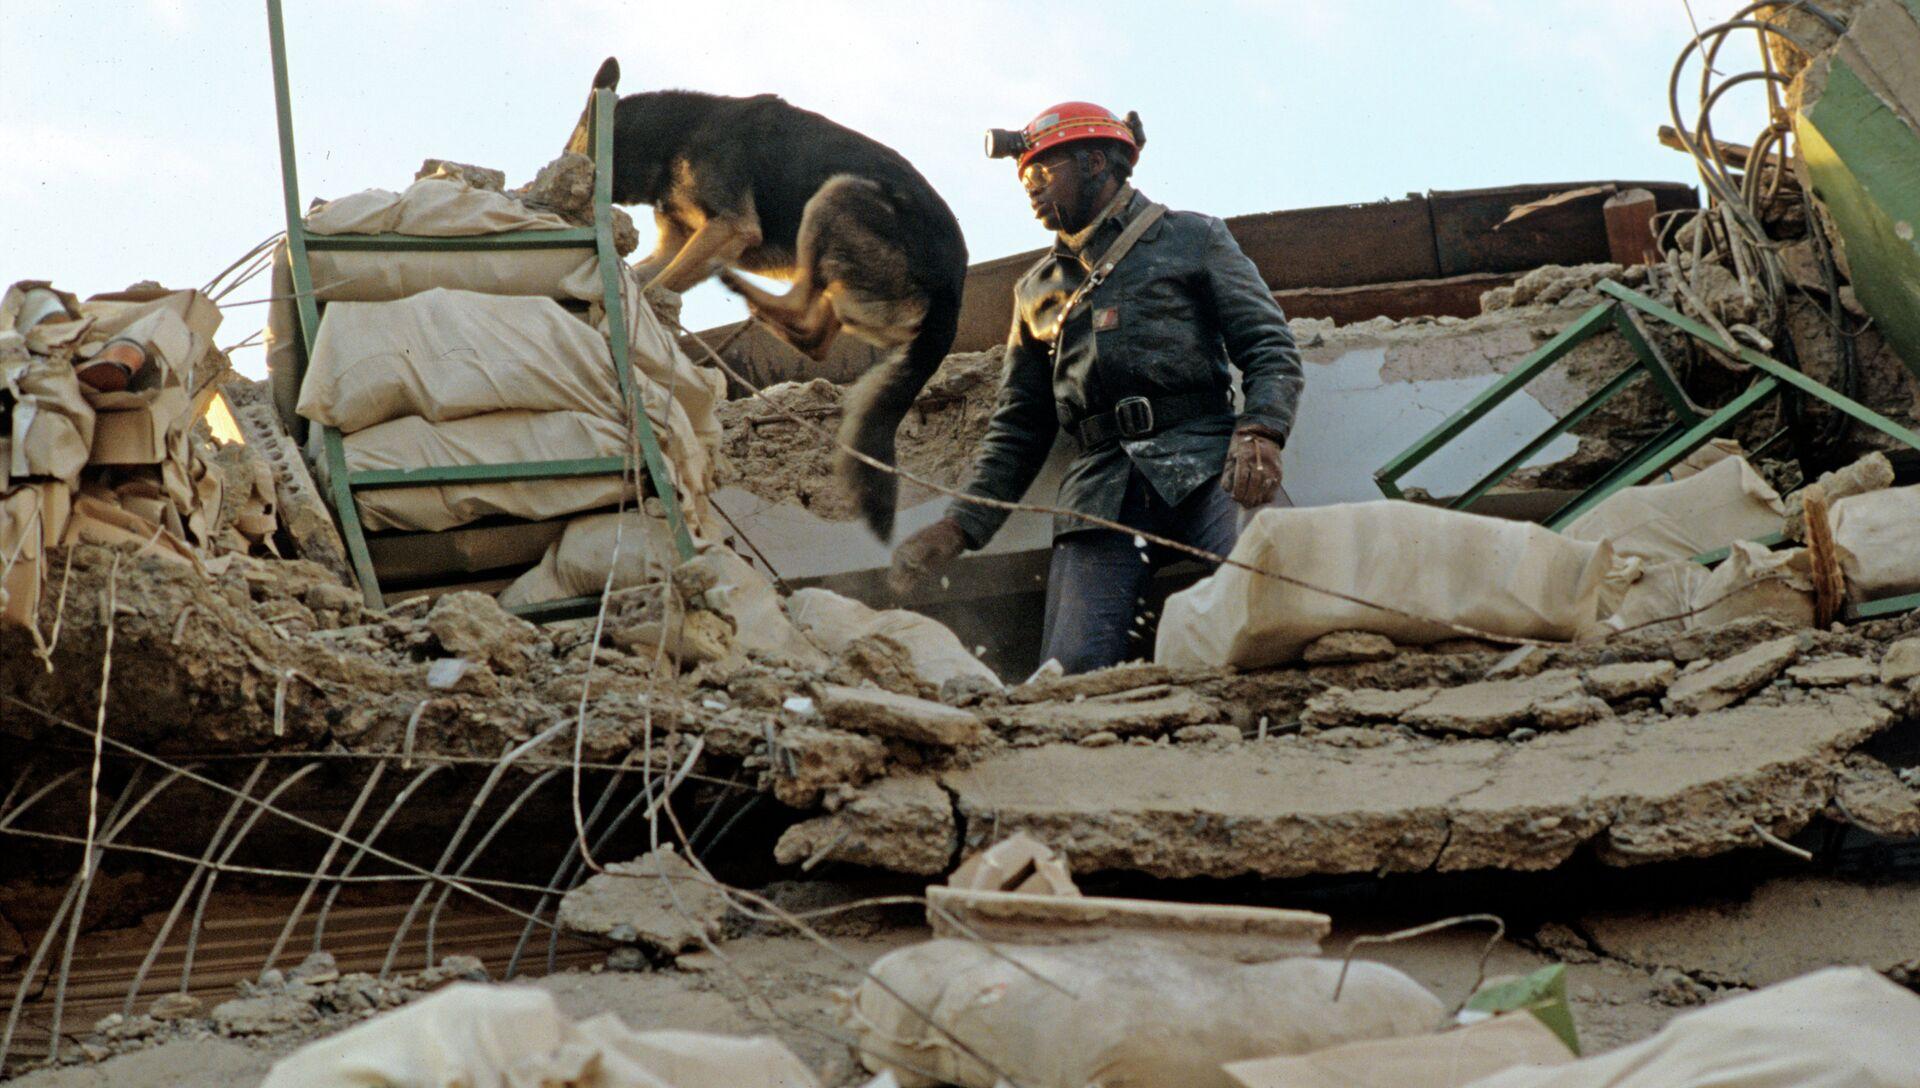 Последствия землетрясения в Ленинакане, Армения - РИА Новости, 1920, 16.04.2013